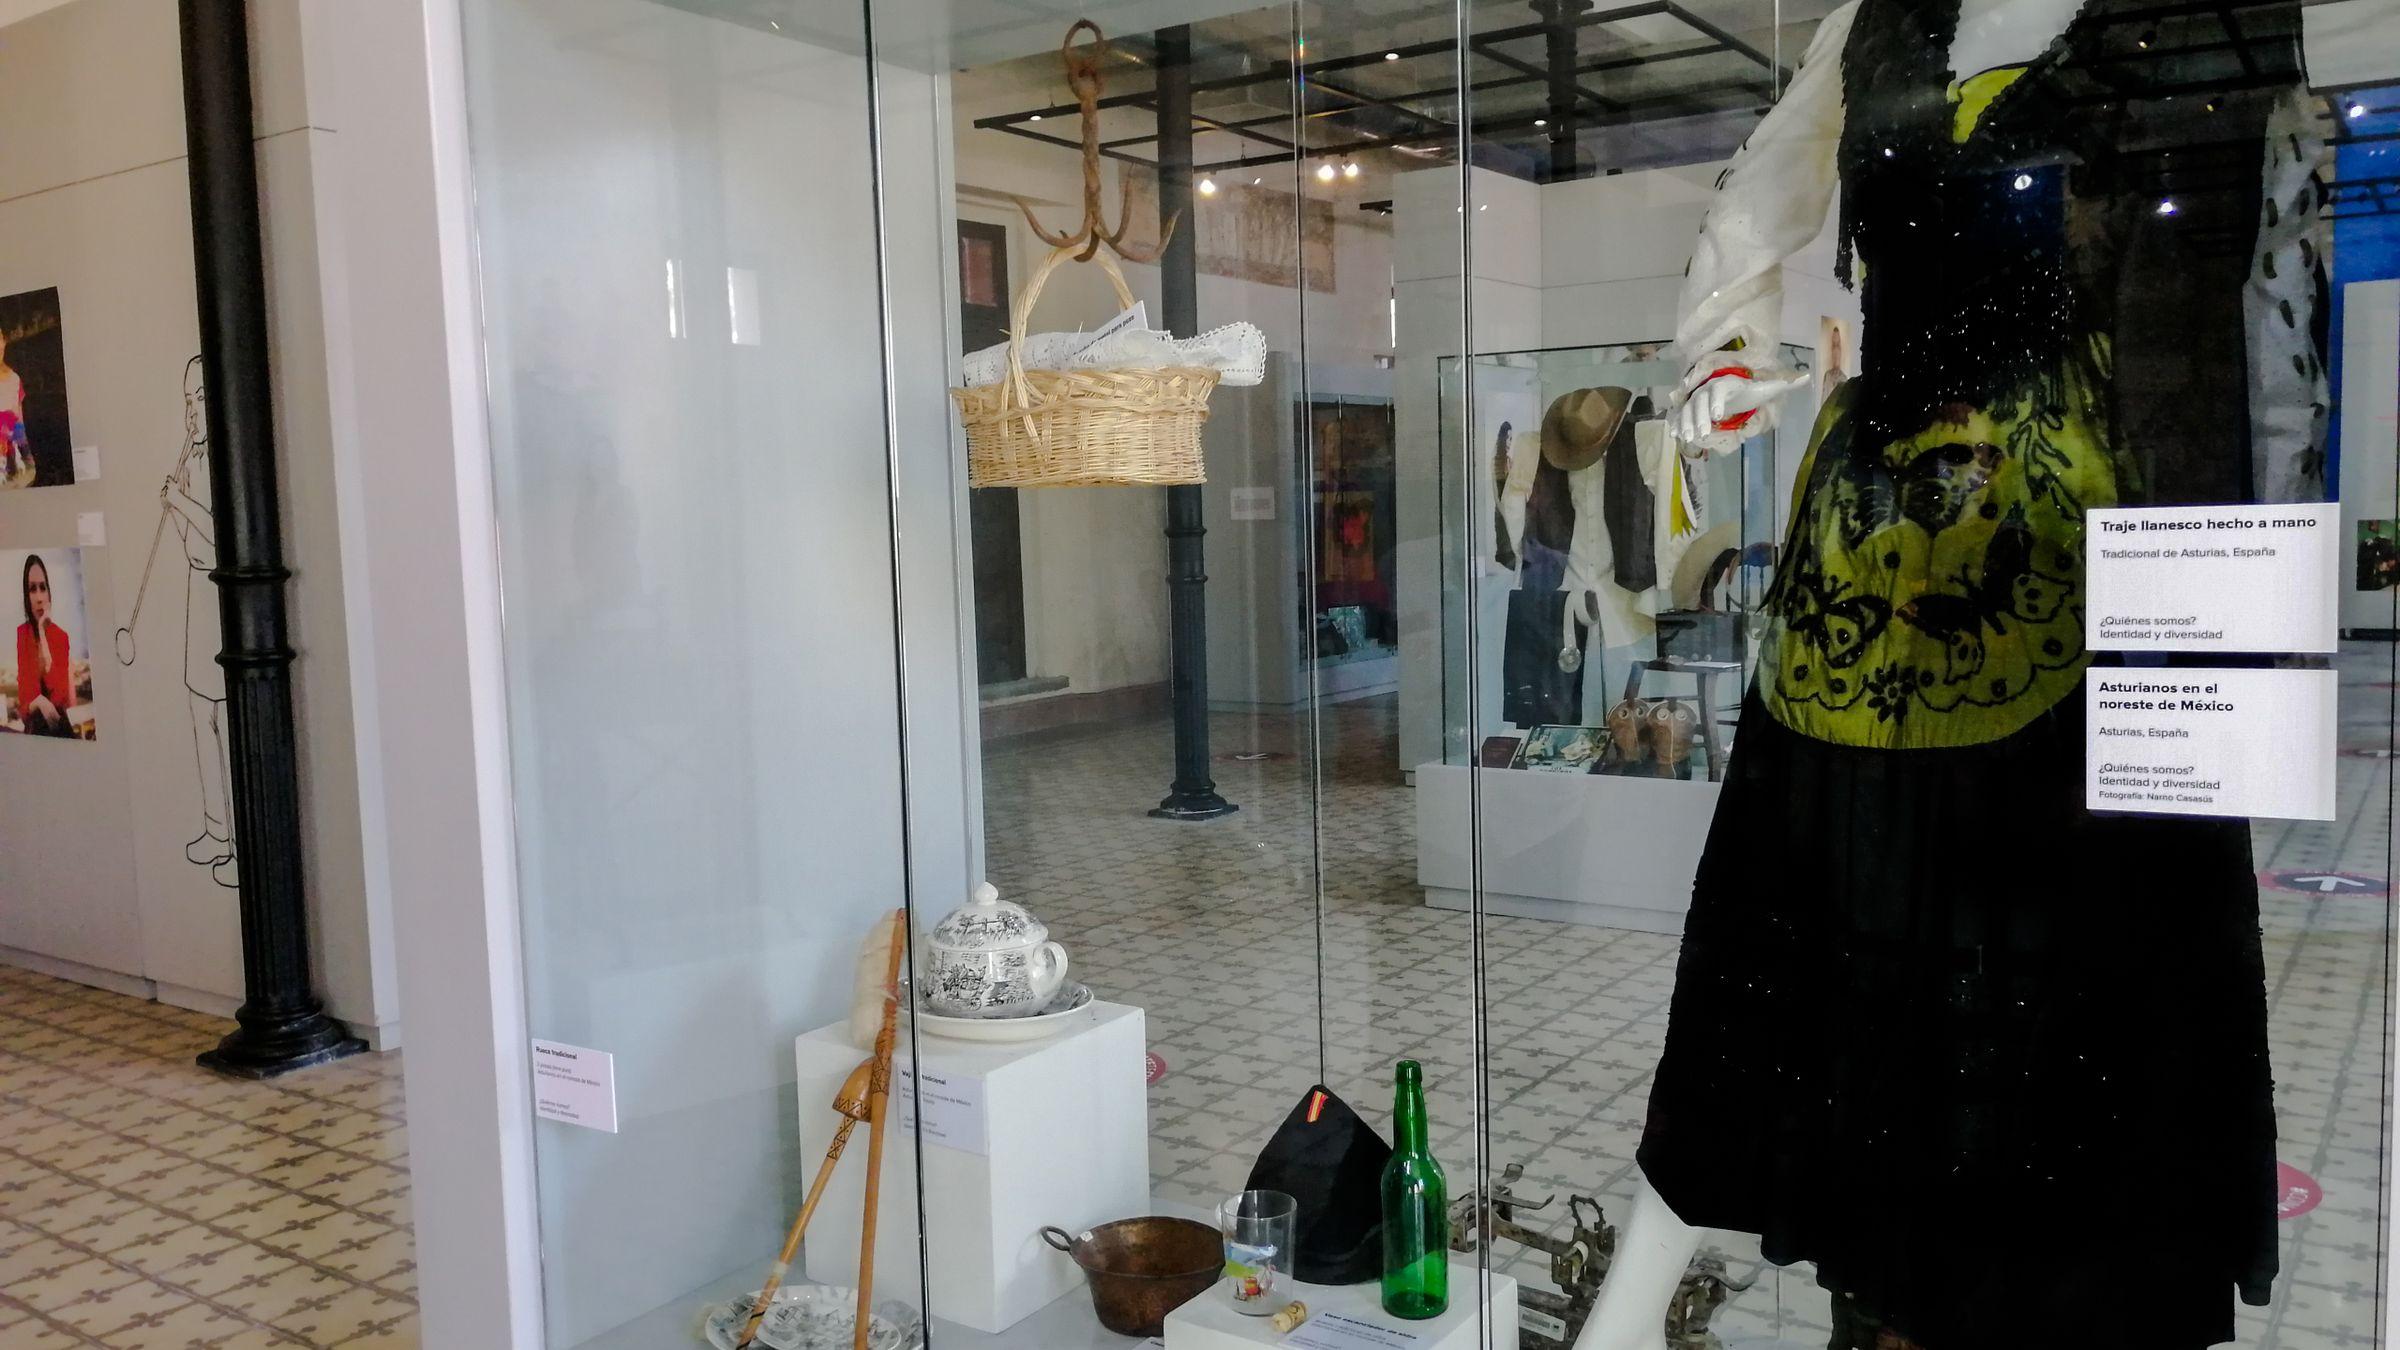 Traje de llanisca expuesto en México